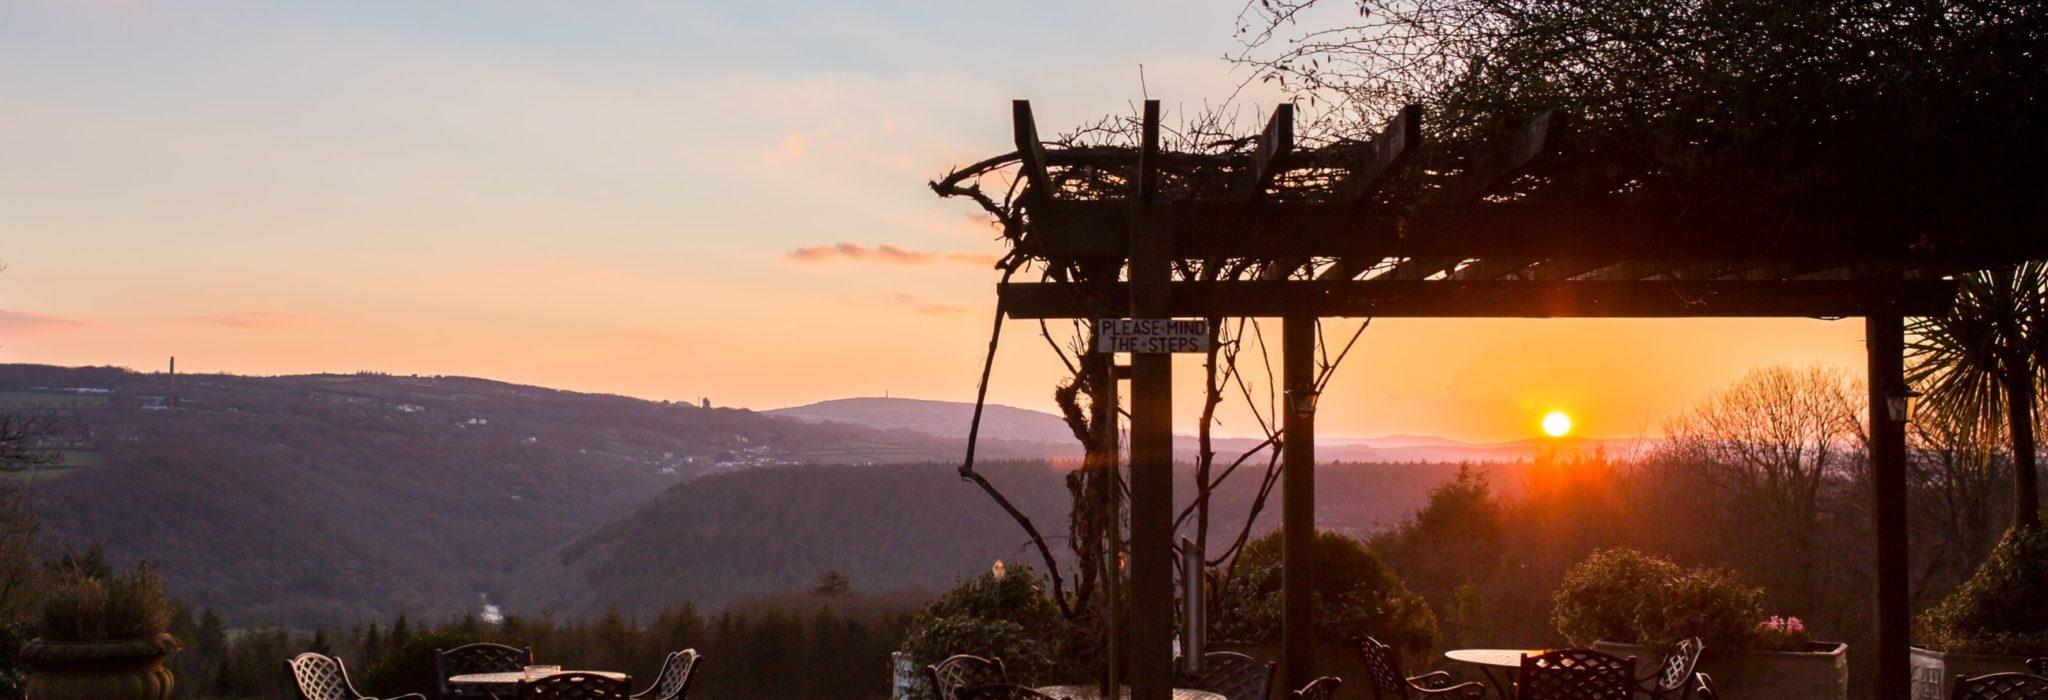 Sunset at The Horn of Plenty